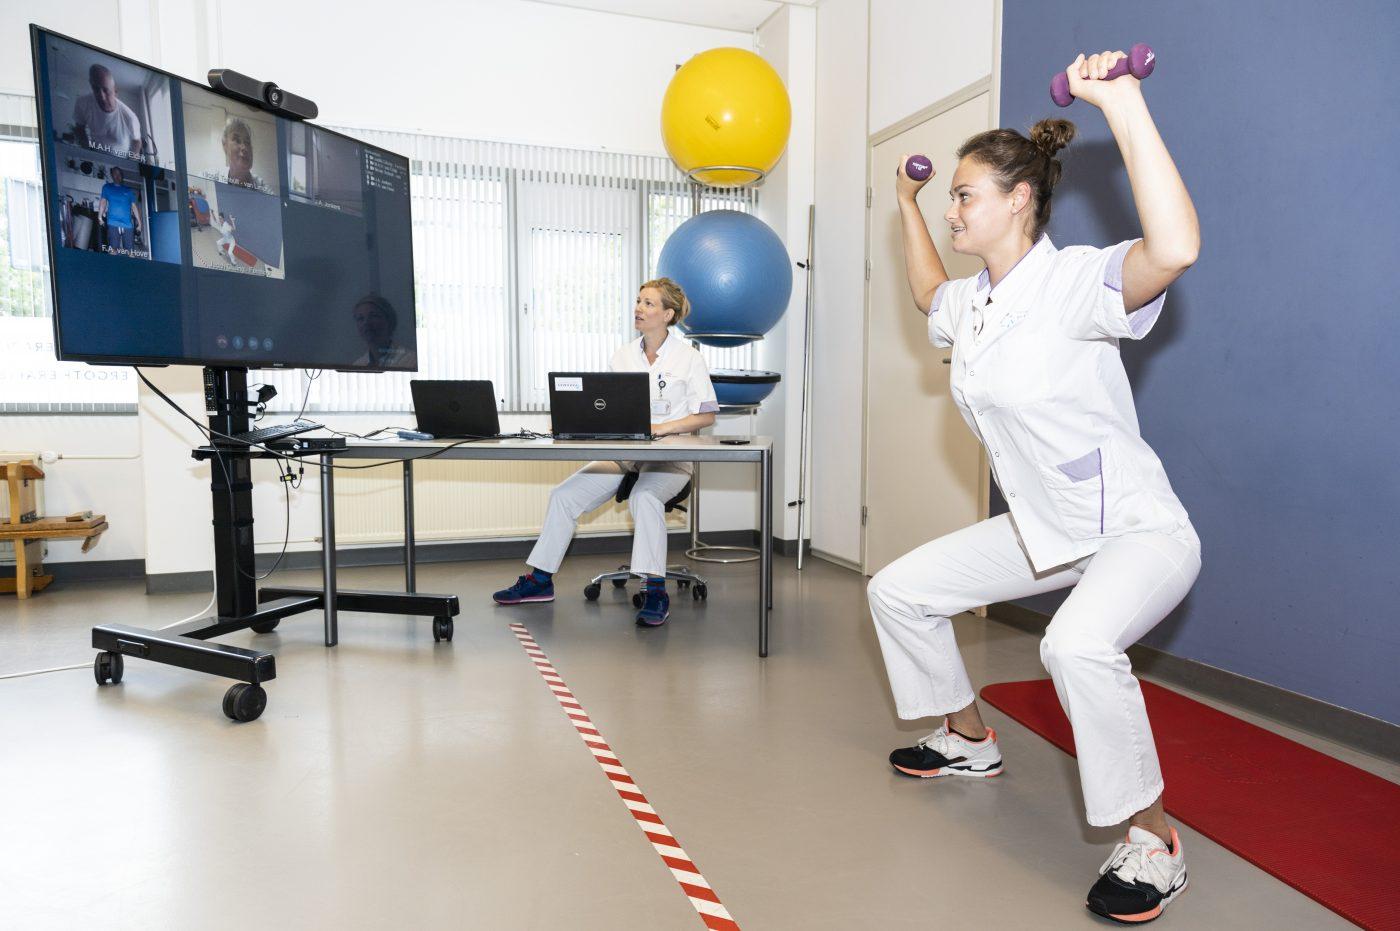 Fysiotherapeut doet oefeningen voor. De patiënten kijken mee via een videoverbinding. Zij doen thuis de oefeningen mee.